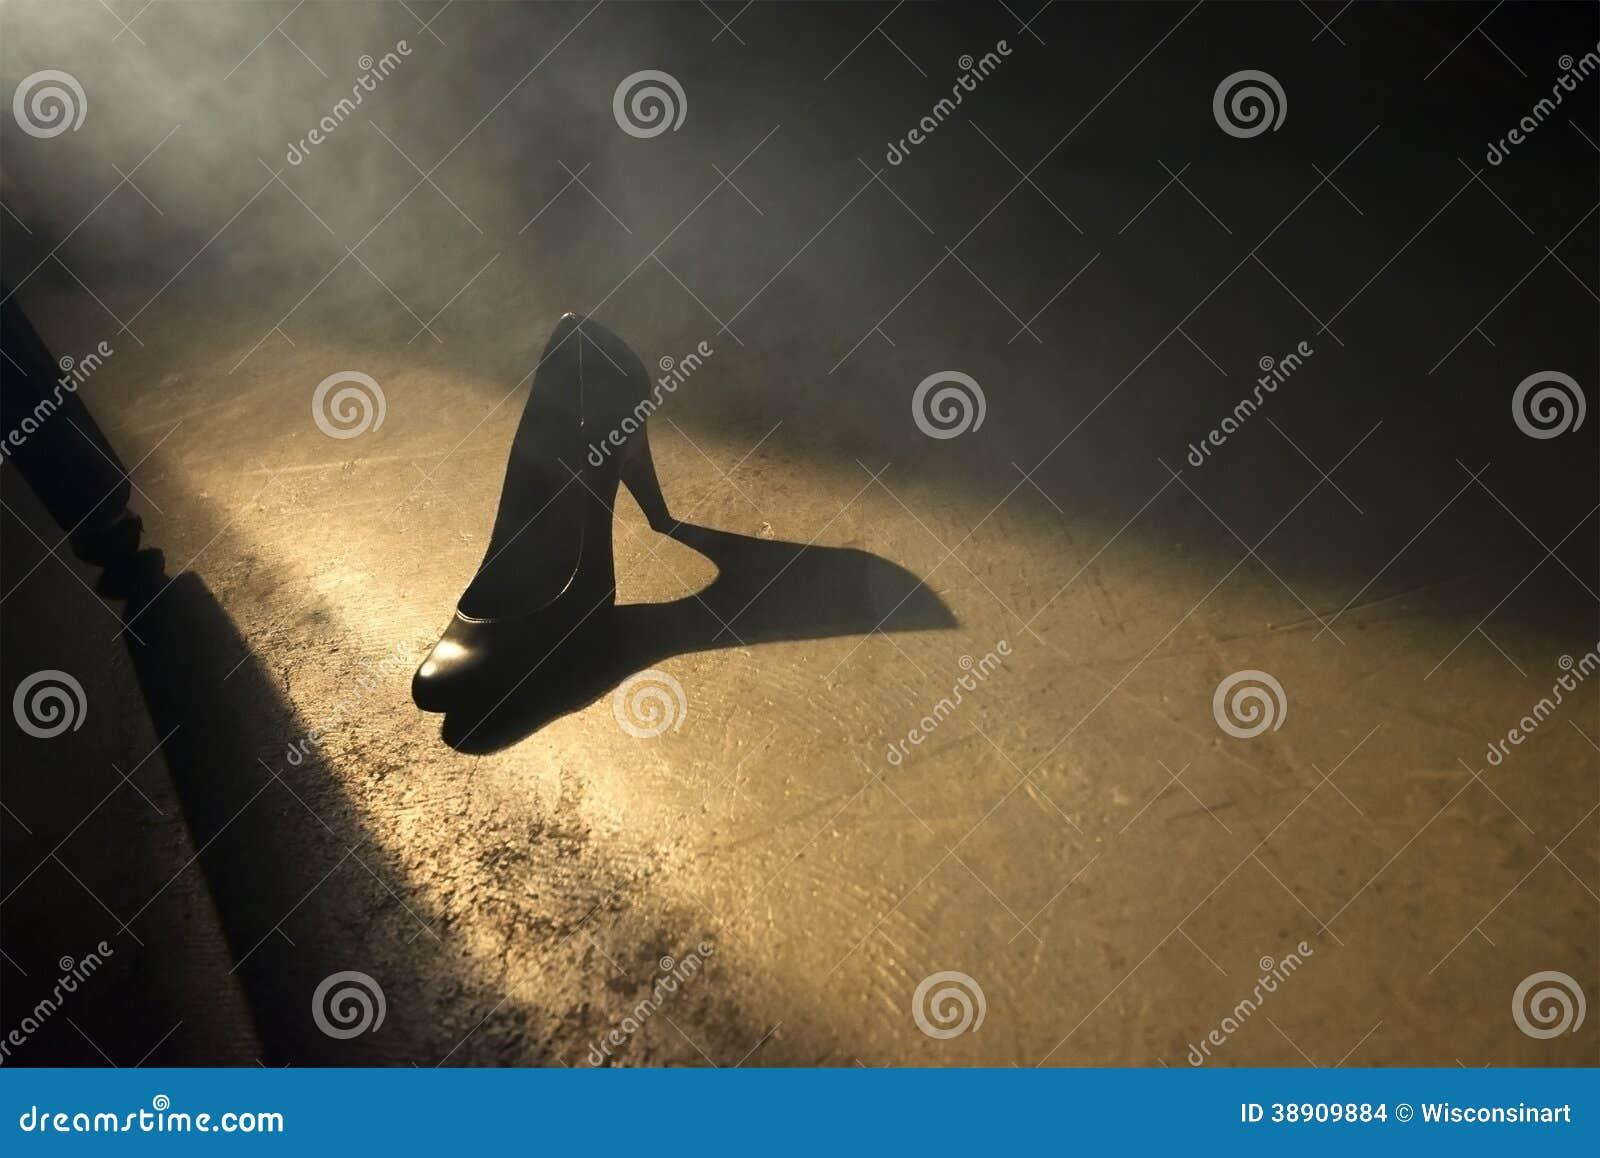 Schuh abstrakter des Liebes-Sex-Romance Datierungs-hohen Absatzes